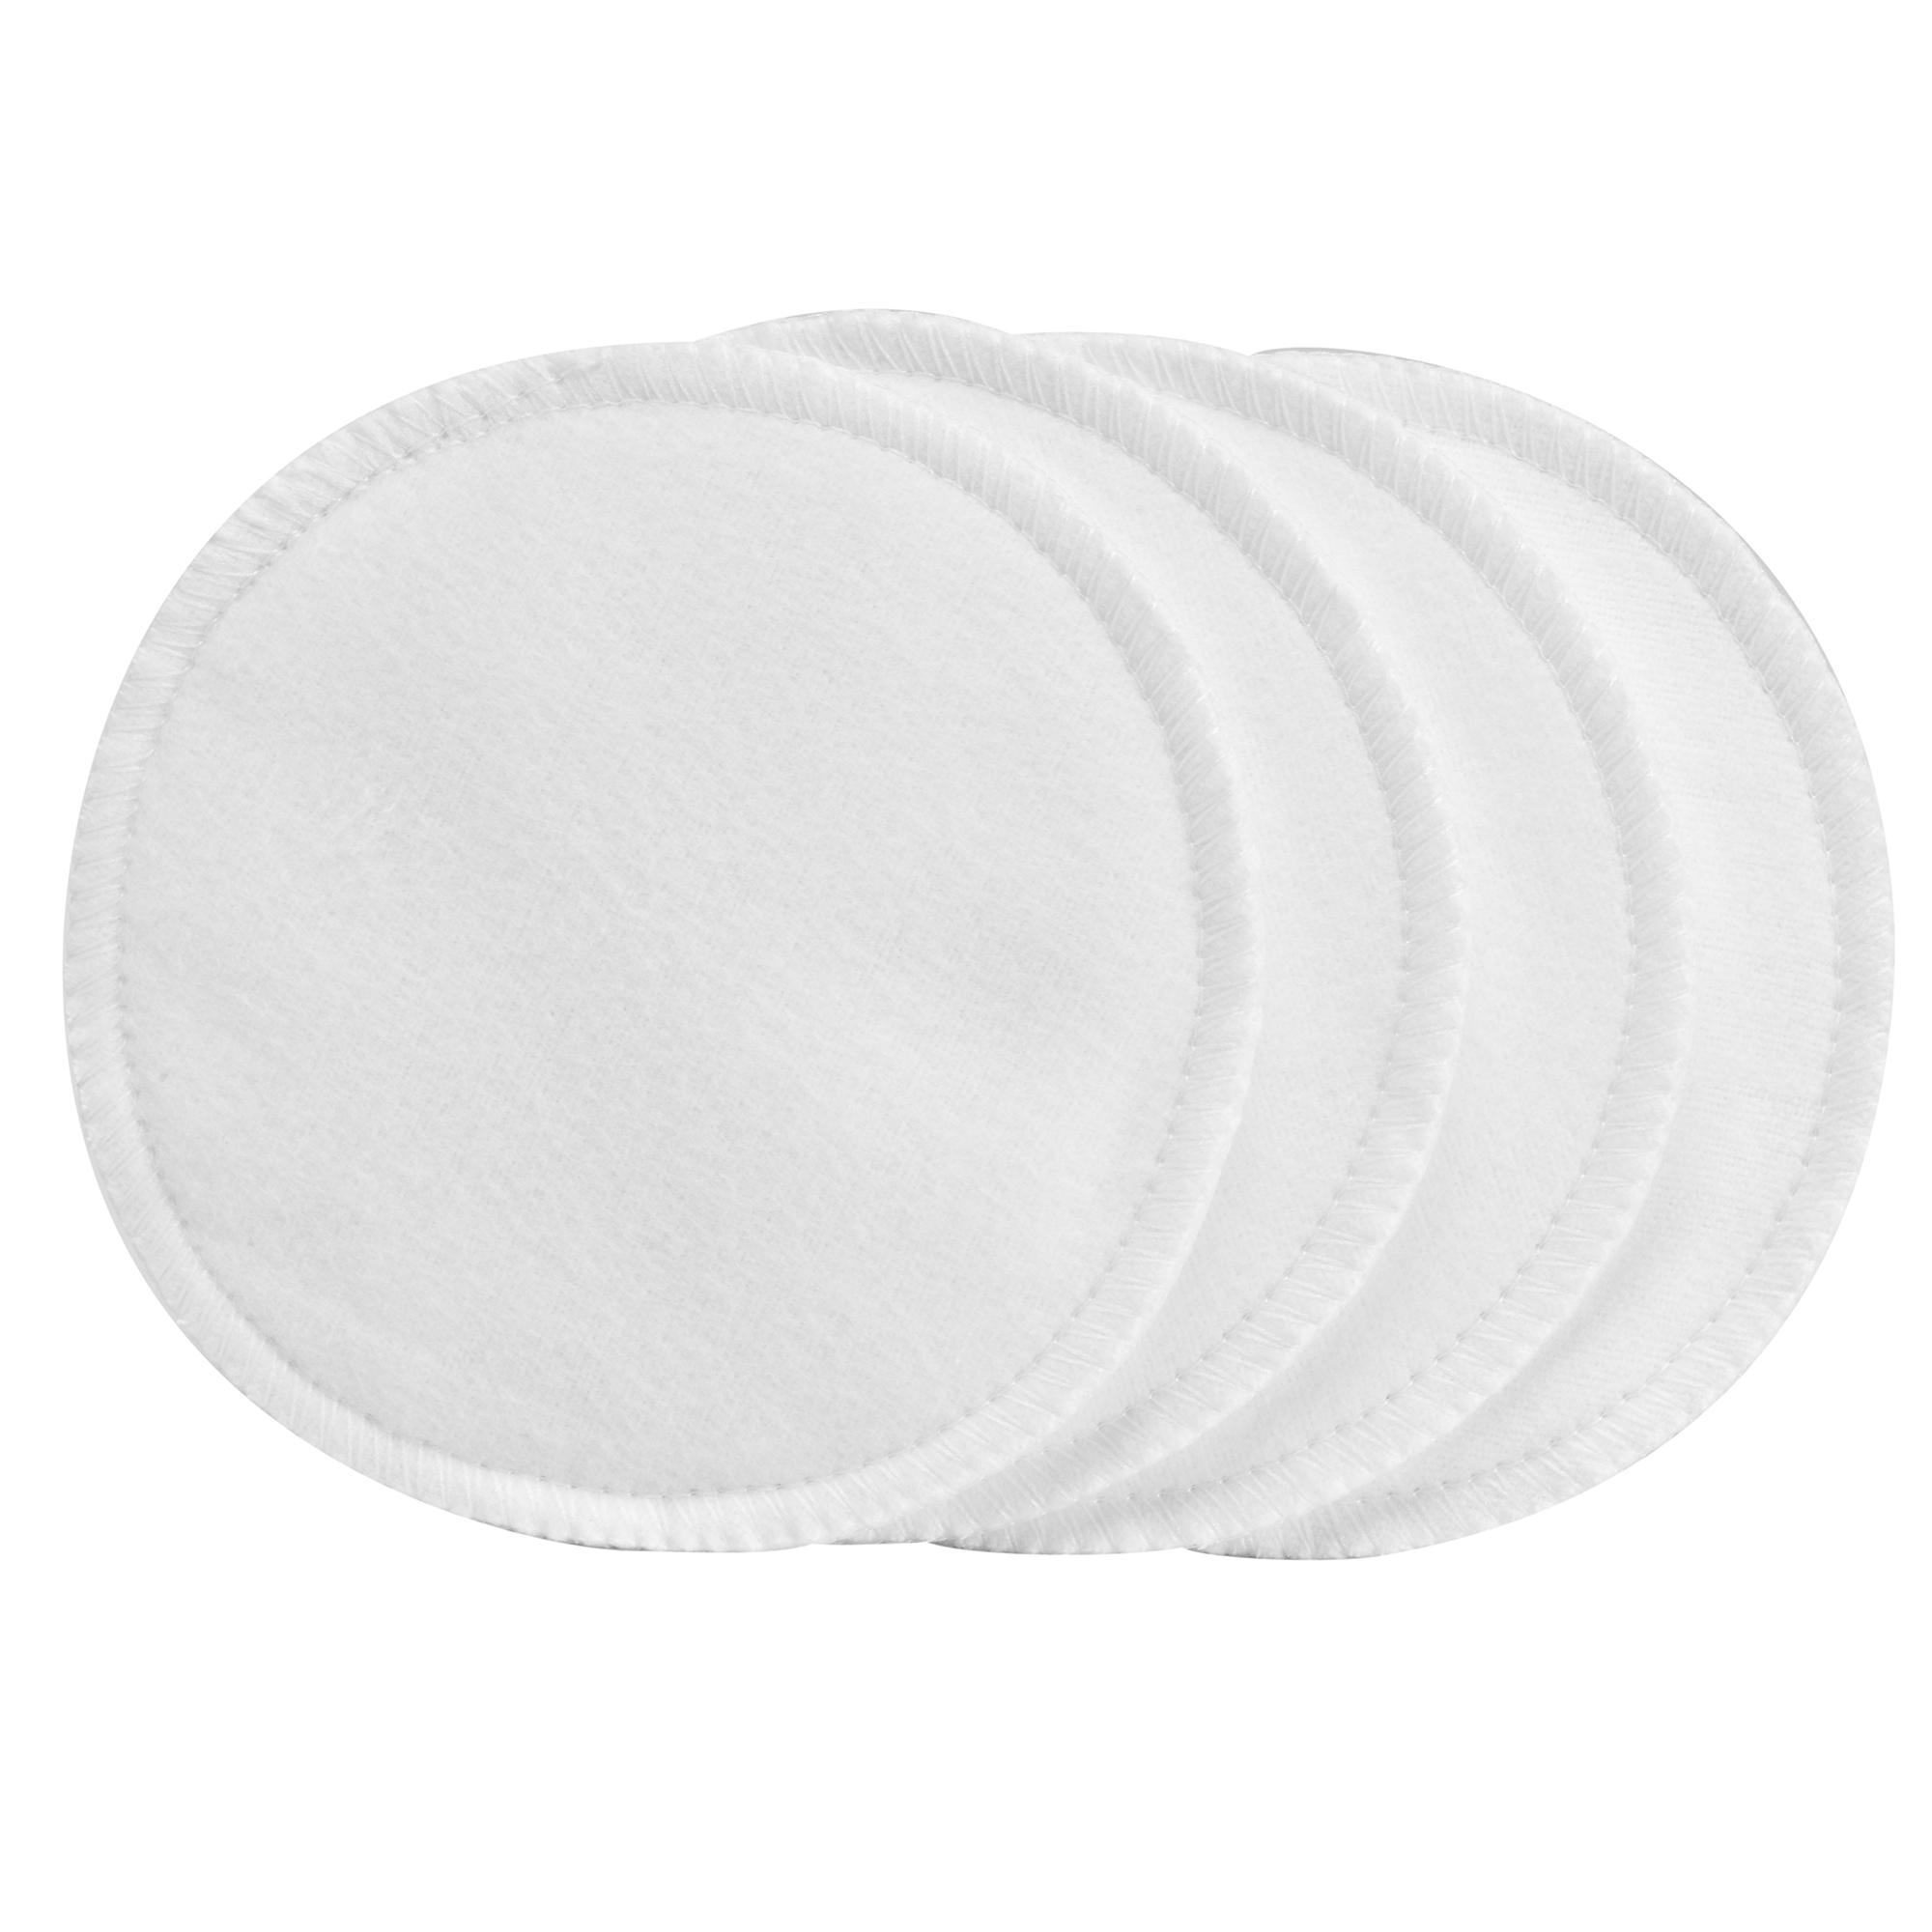 Miếng lót thấm sữa Dr.Brown's dùng nhiều lân loại giặt được 4 miếng